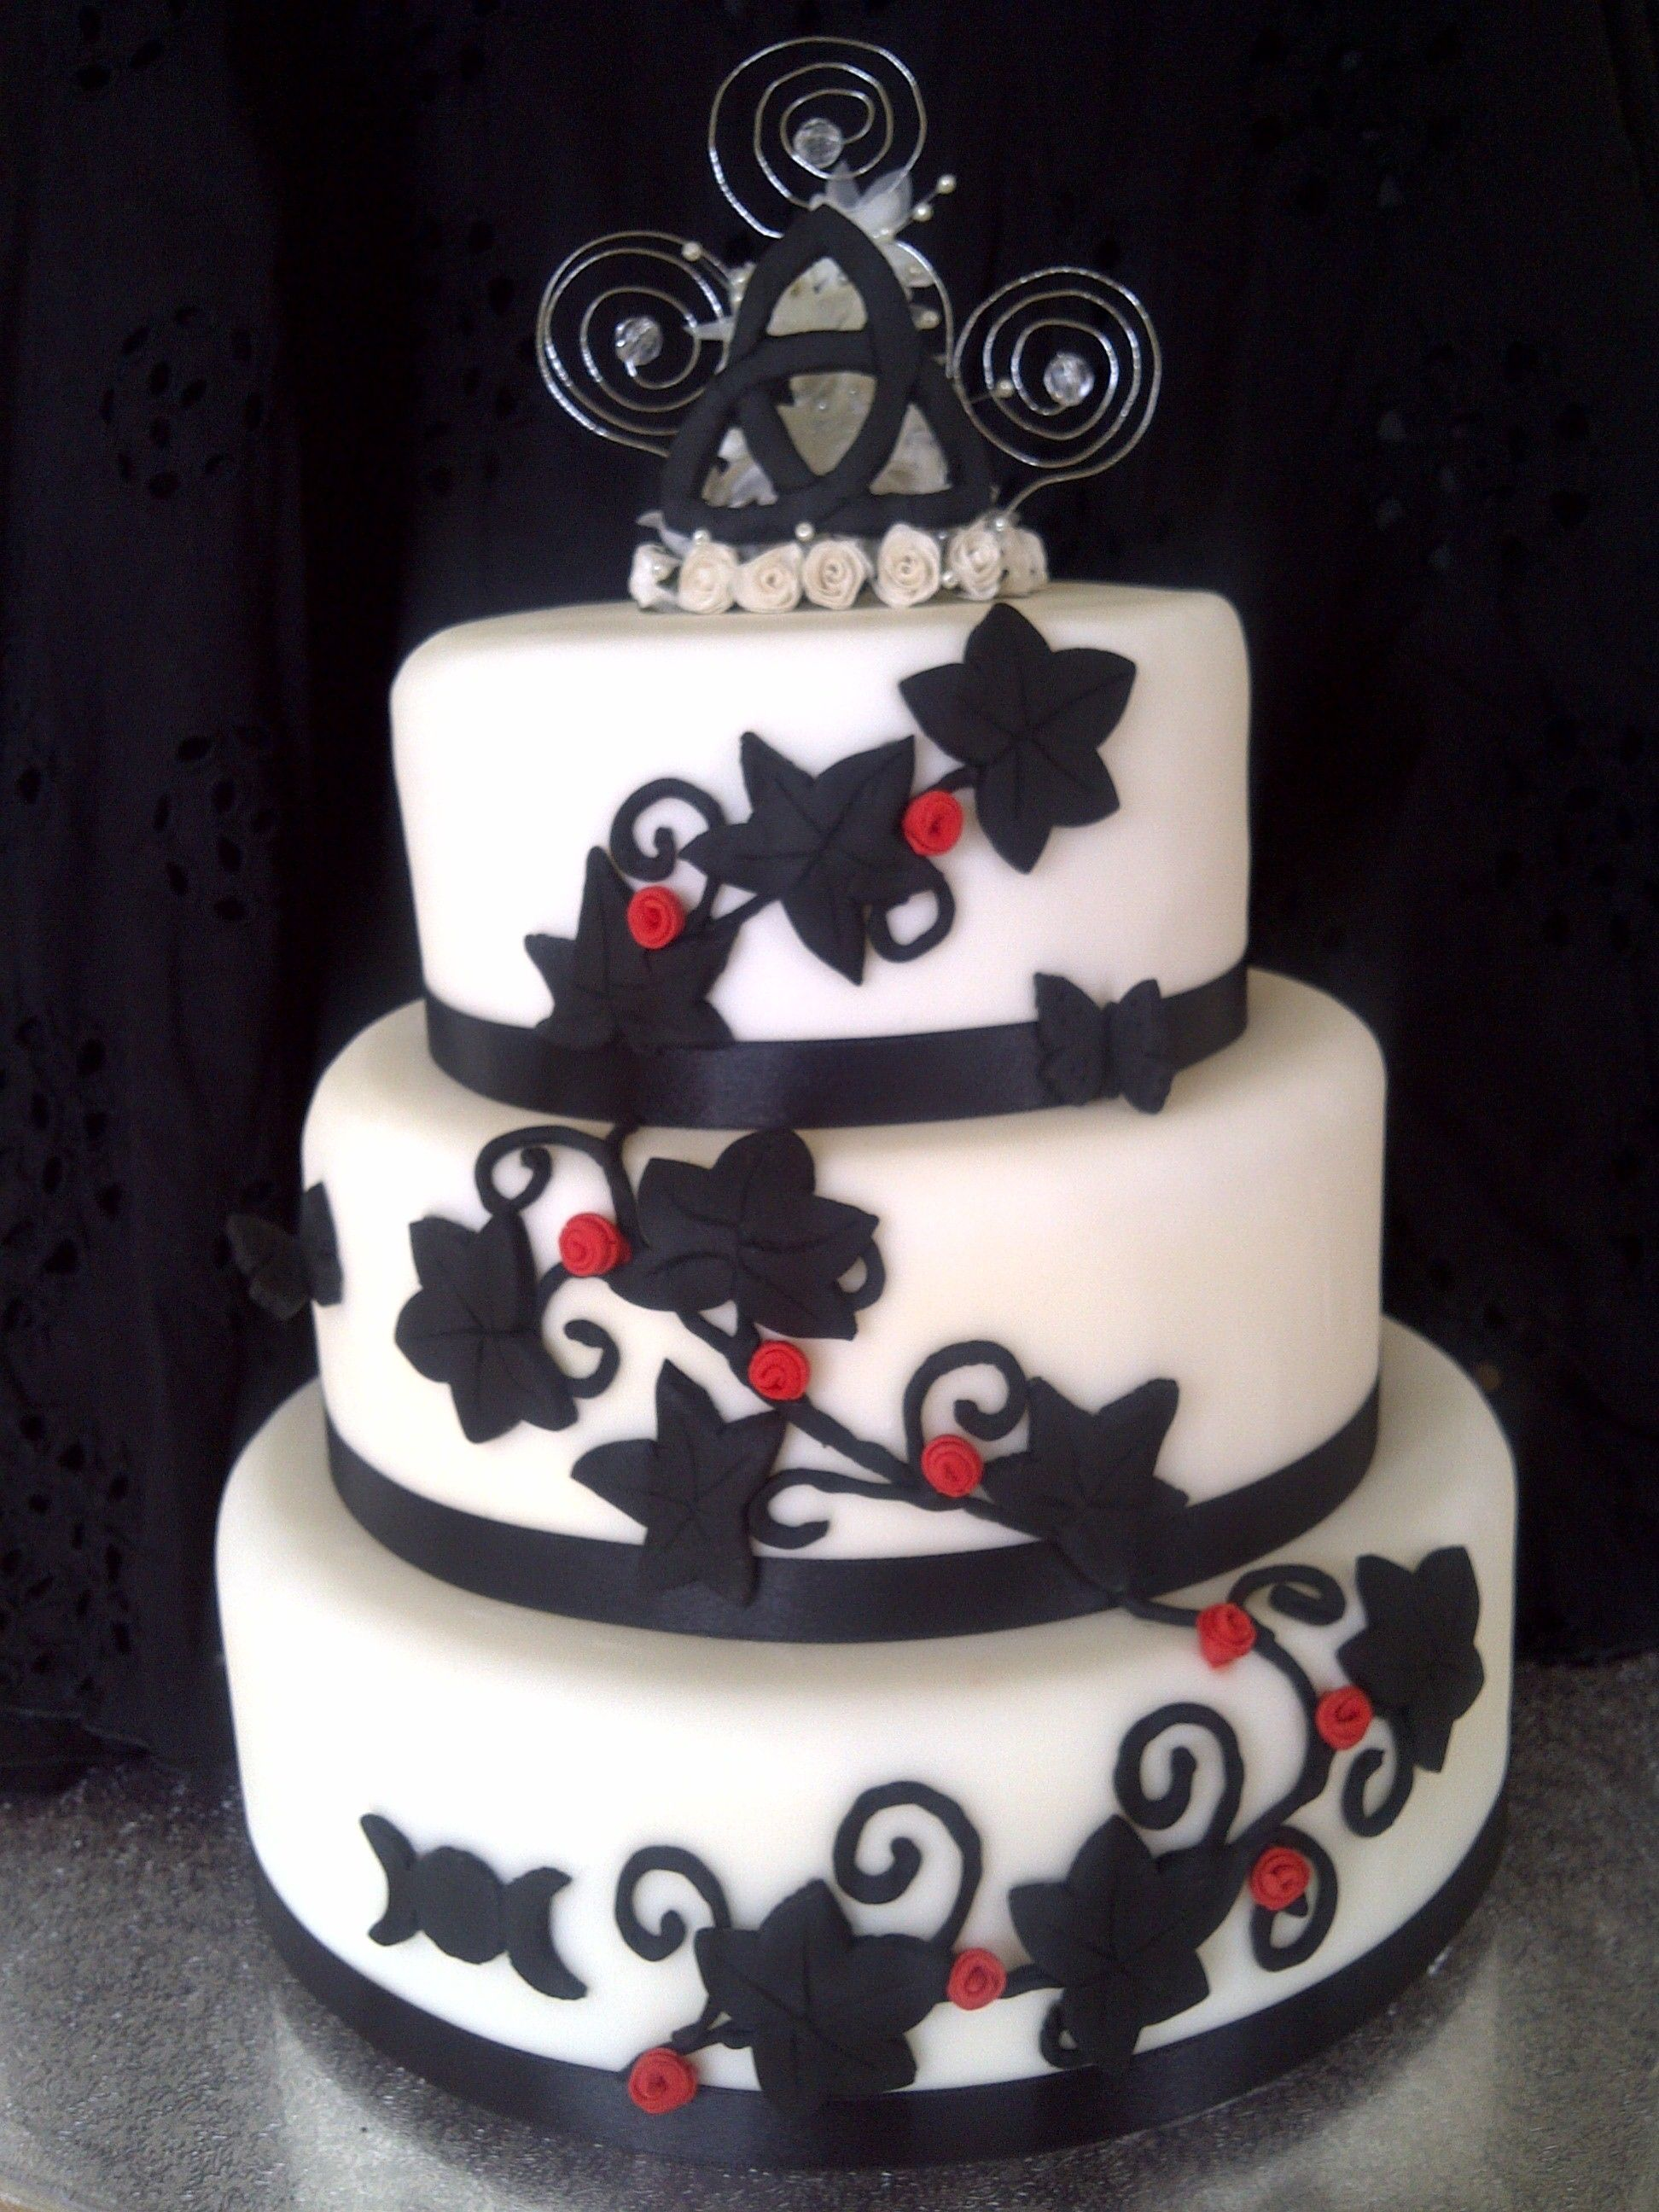 quoteko.com: quoteko.com/gothic-cake.html